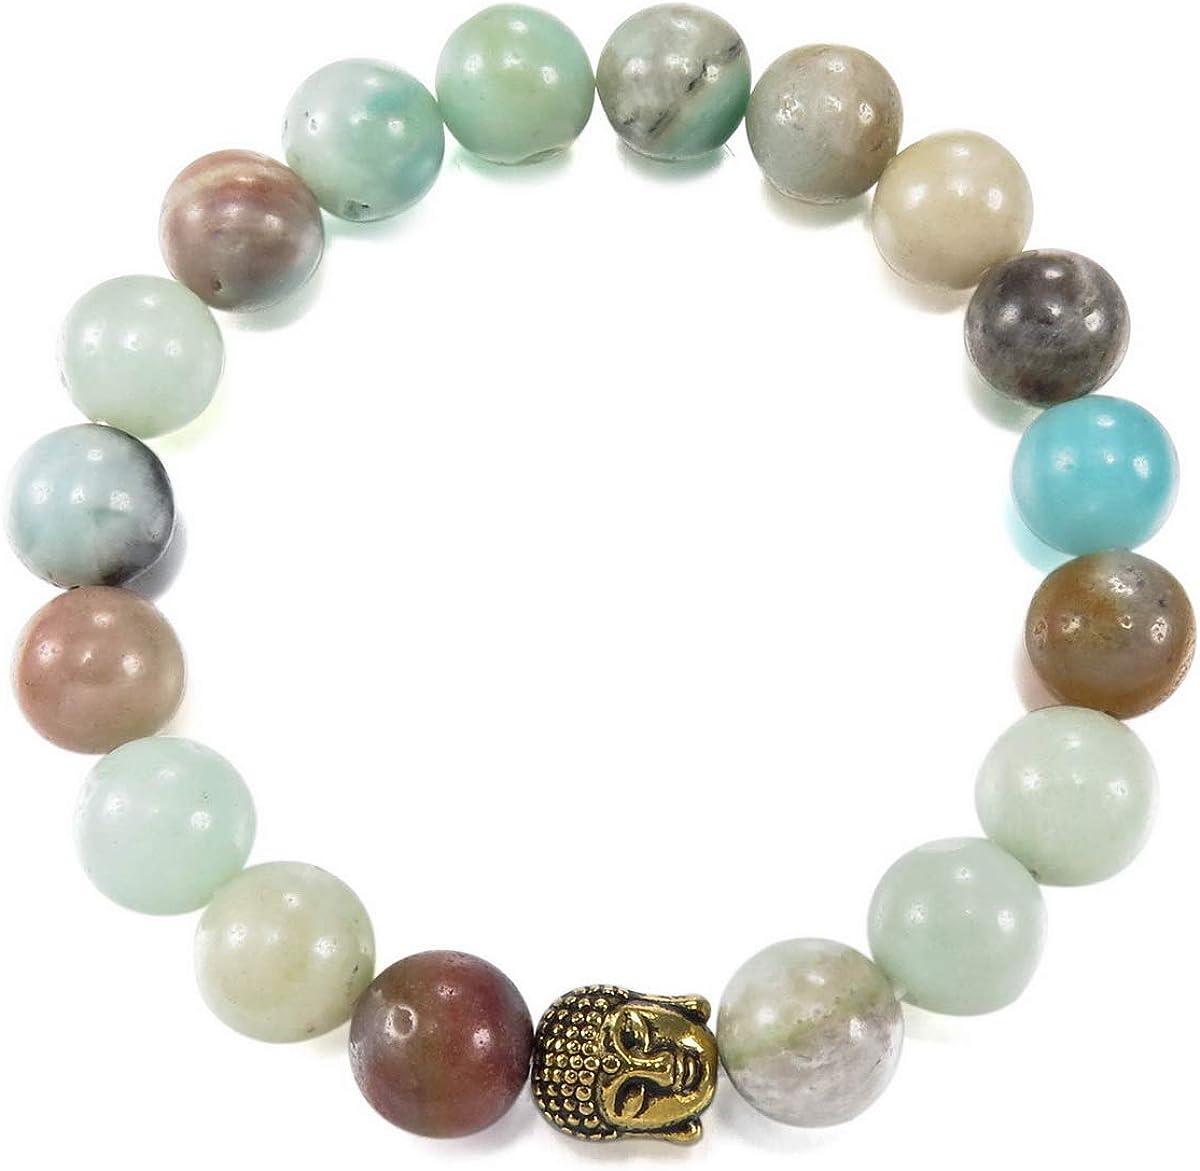 MunkiMix 10mm Alliage Bracelets d/énergie Lien Poignet Buddha Mala Boule Perle /Élastique Homme,Femme